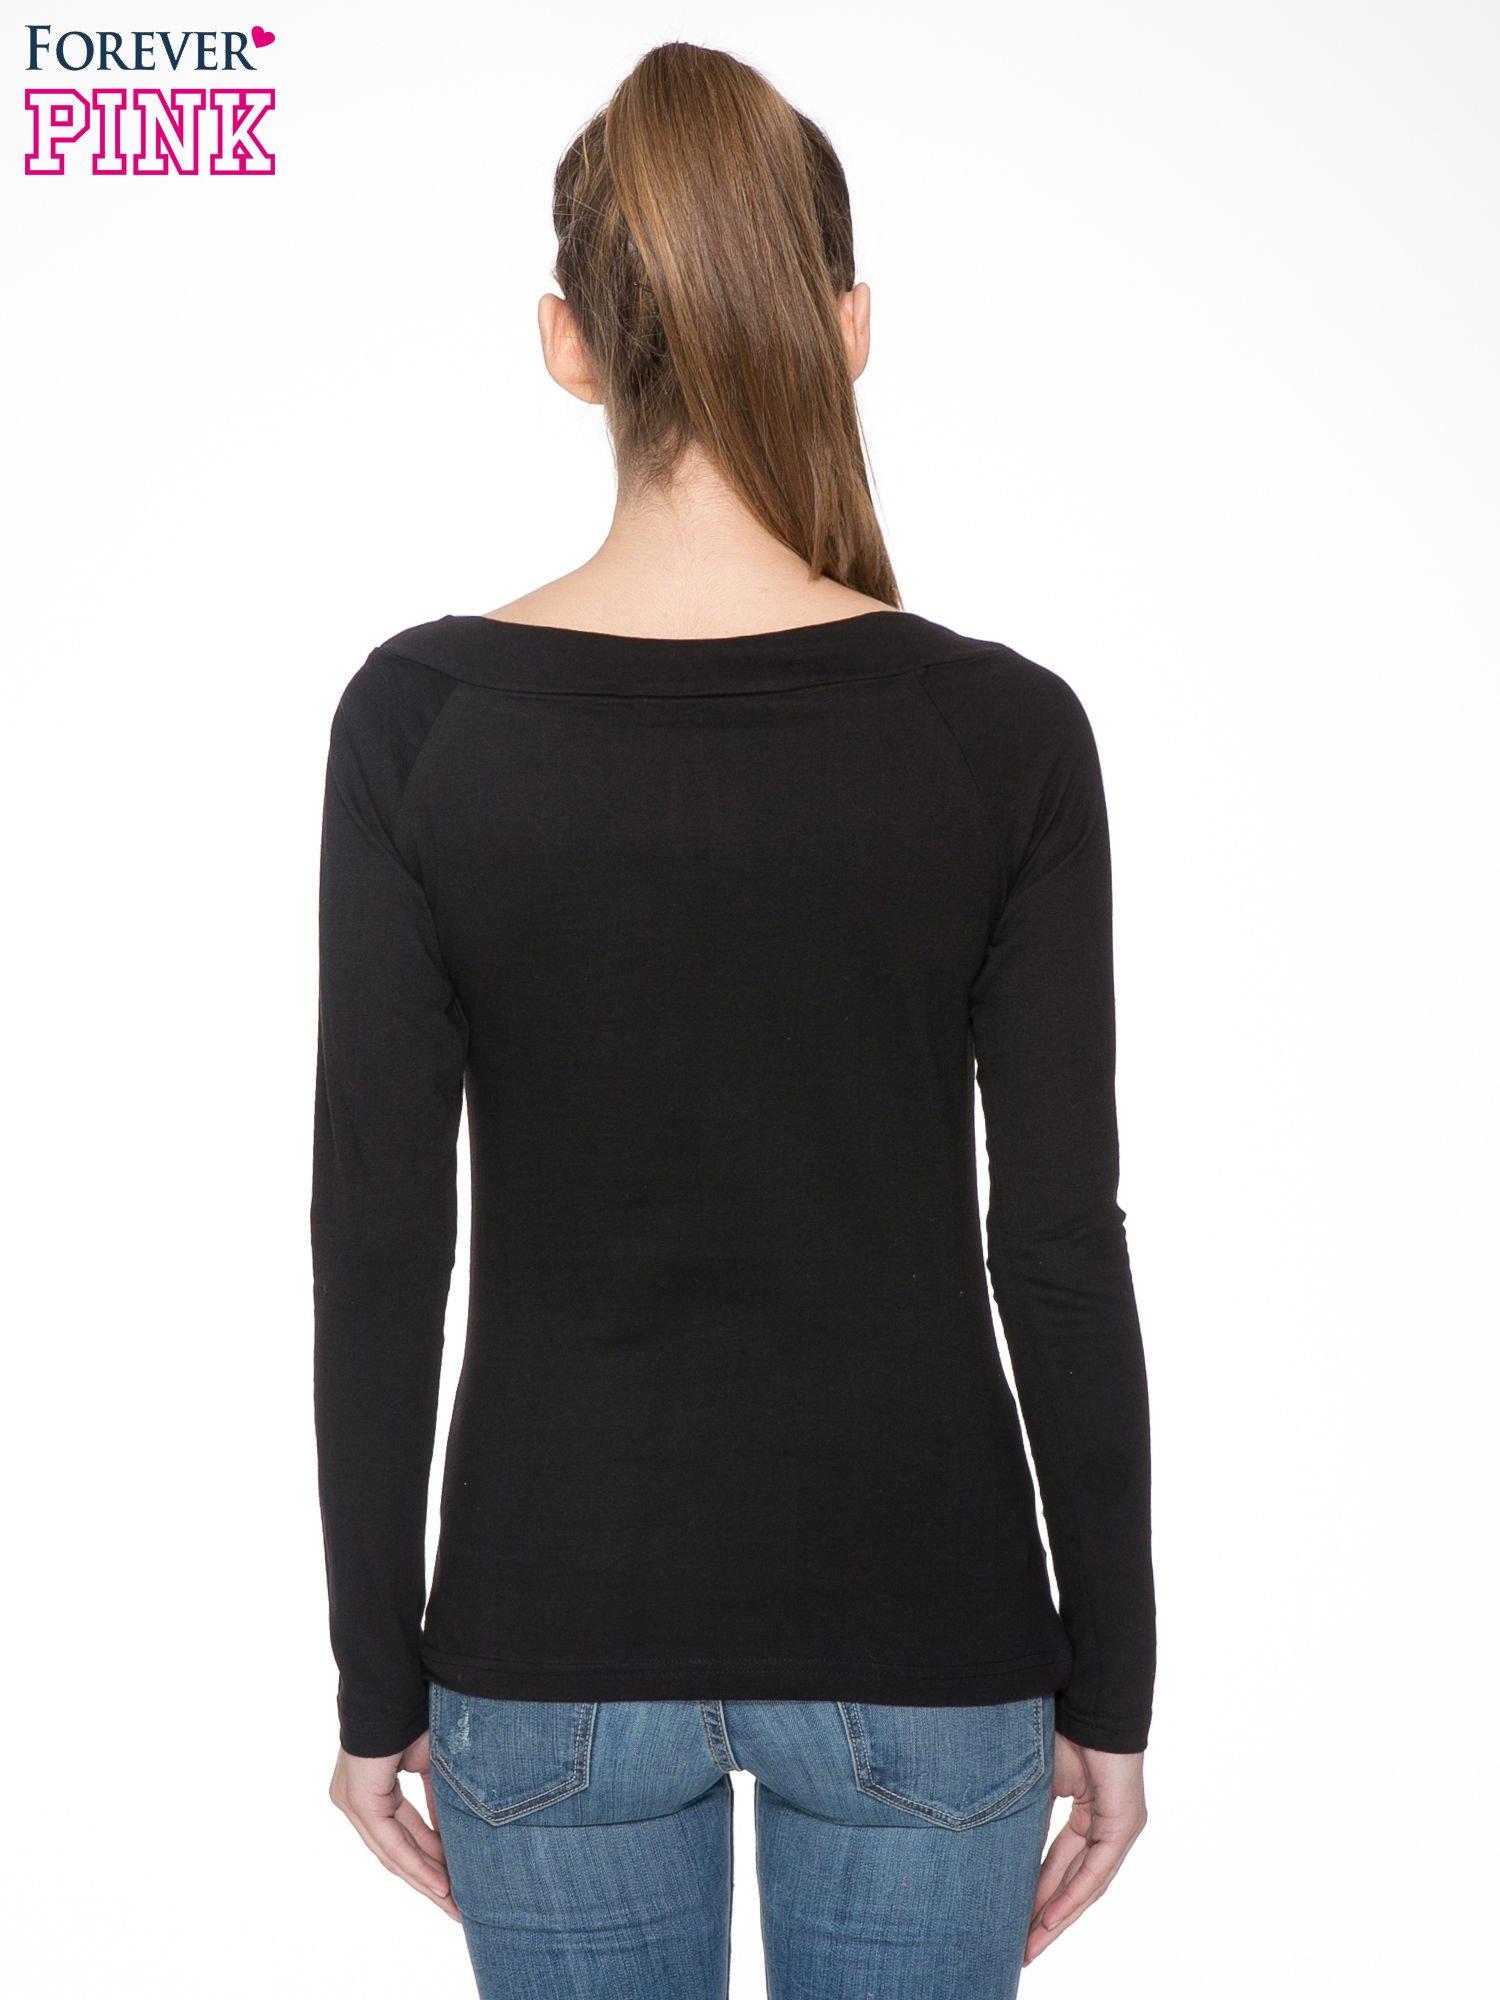 Czarna gładka bluzka z reglanowymi rękawami                                  zdj.                                  4